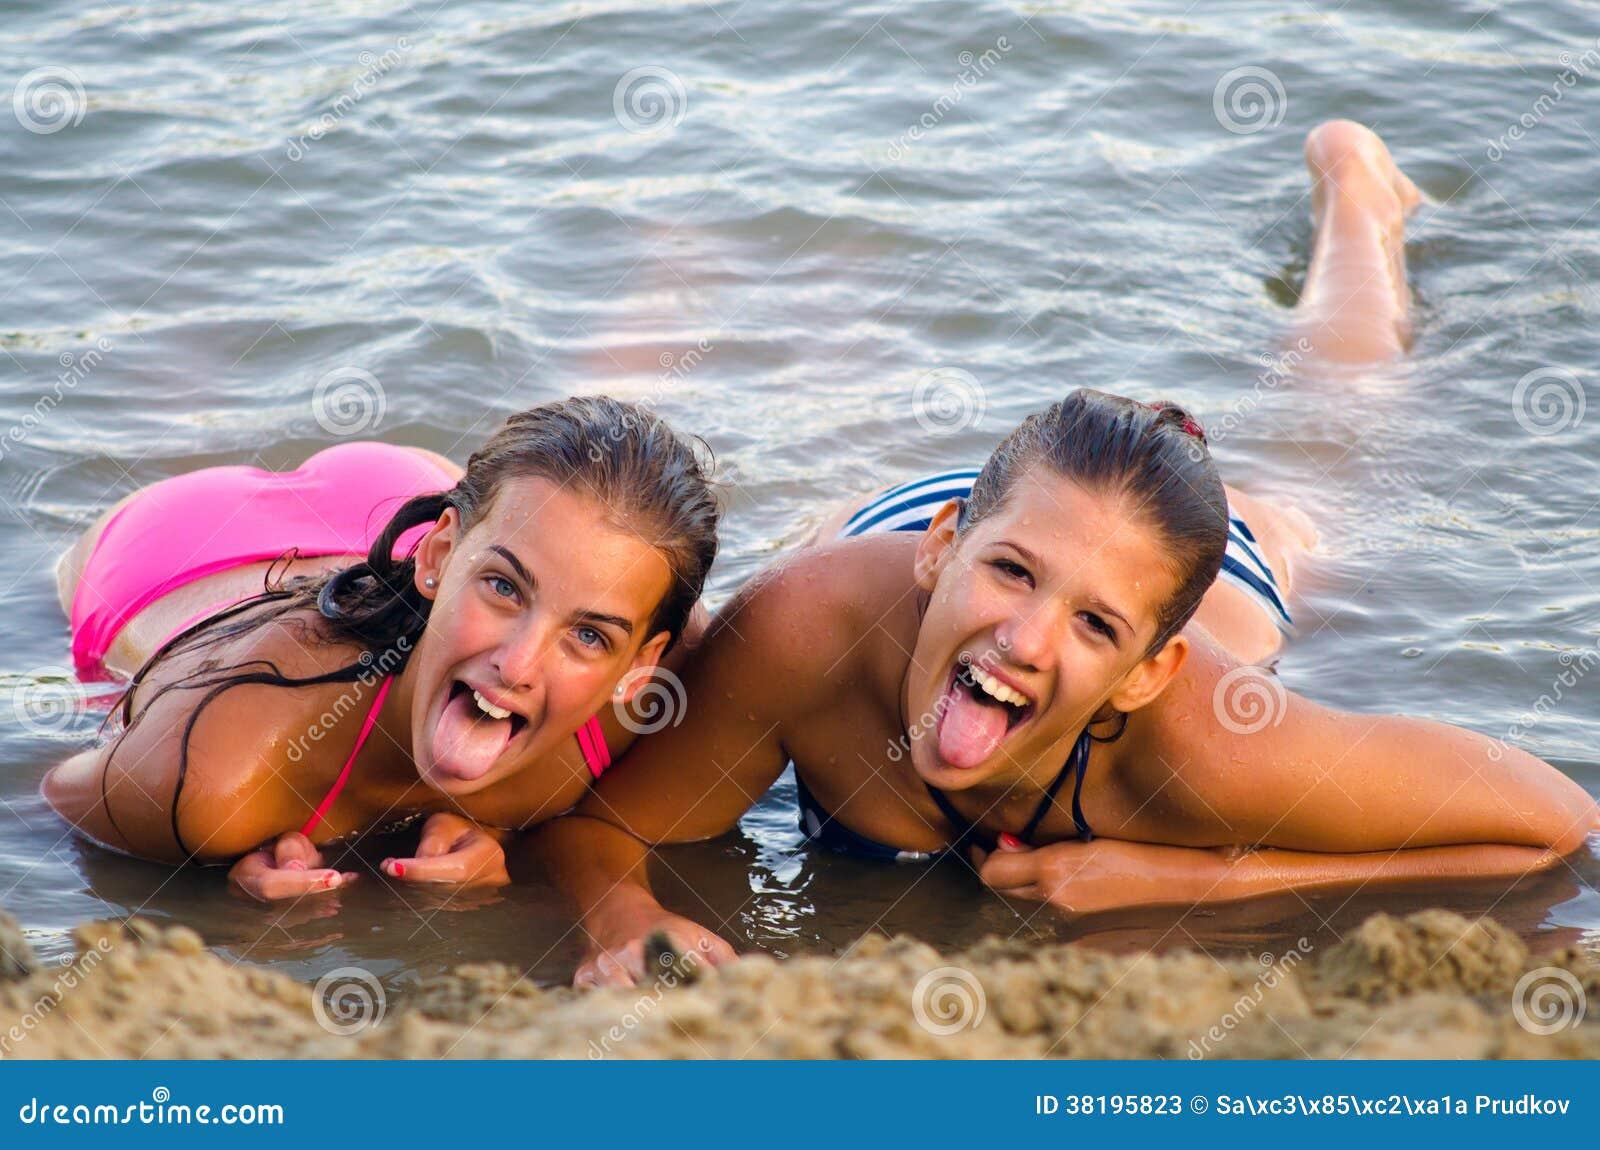 Αφρικανική έφηβος κορίτσια γυμνό ώριμος/η κανάλι πίπα